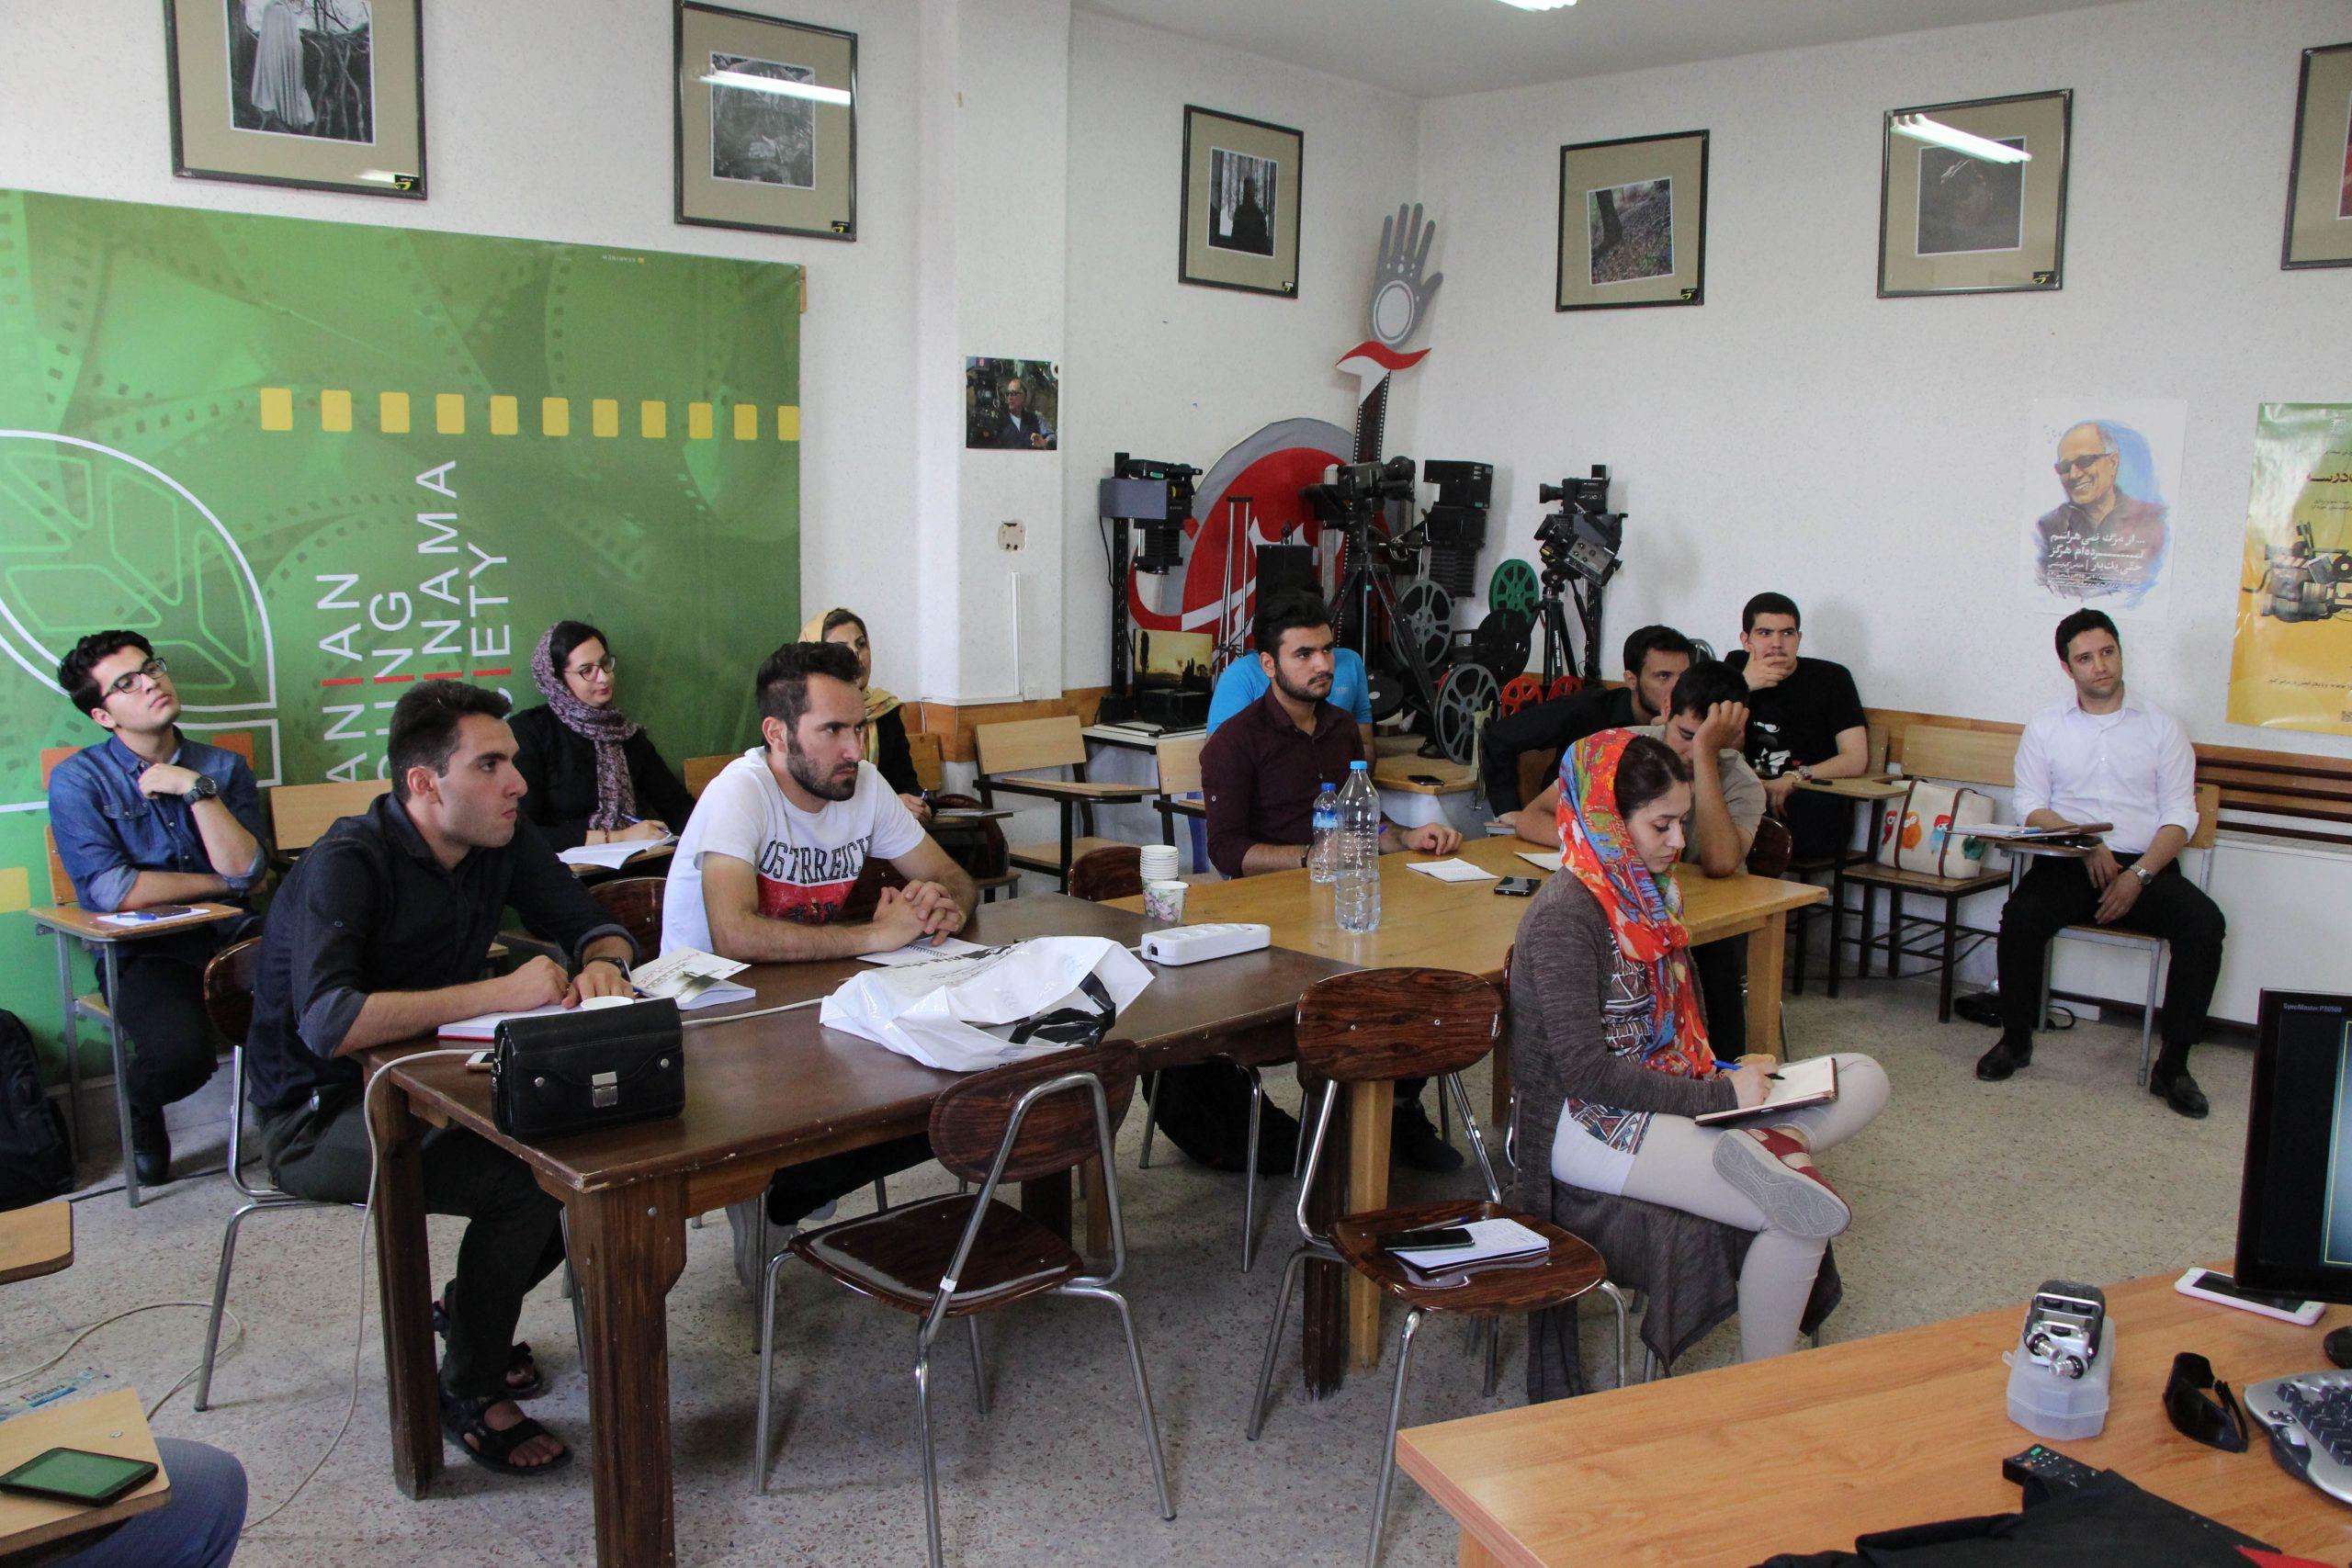 برگزاری کارگاه فیلمنامهنویسی در زنجان